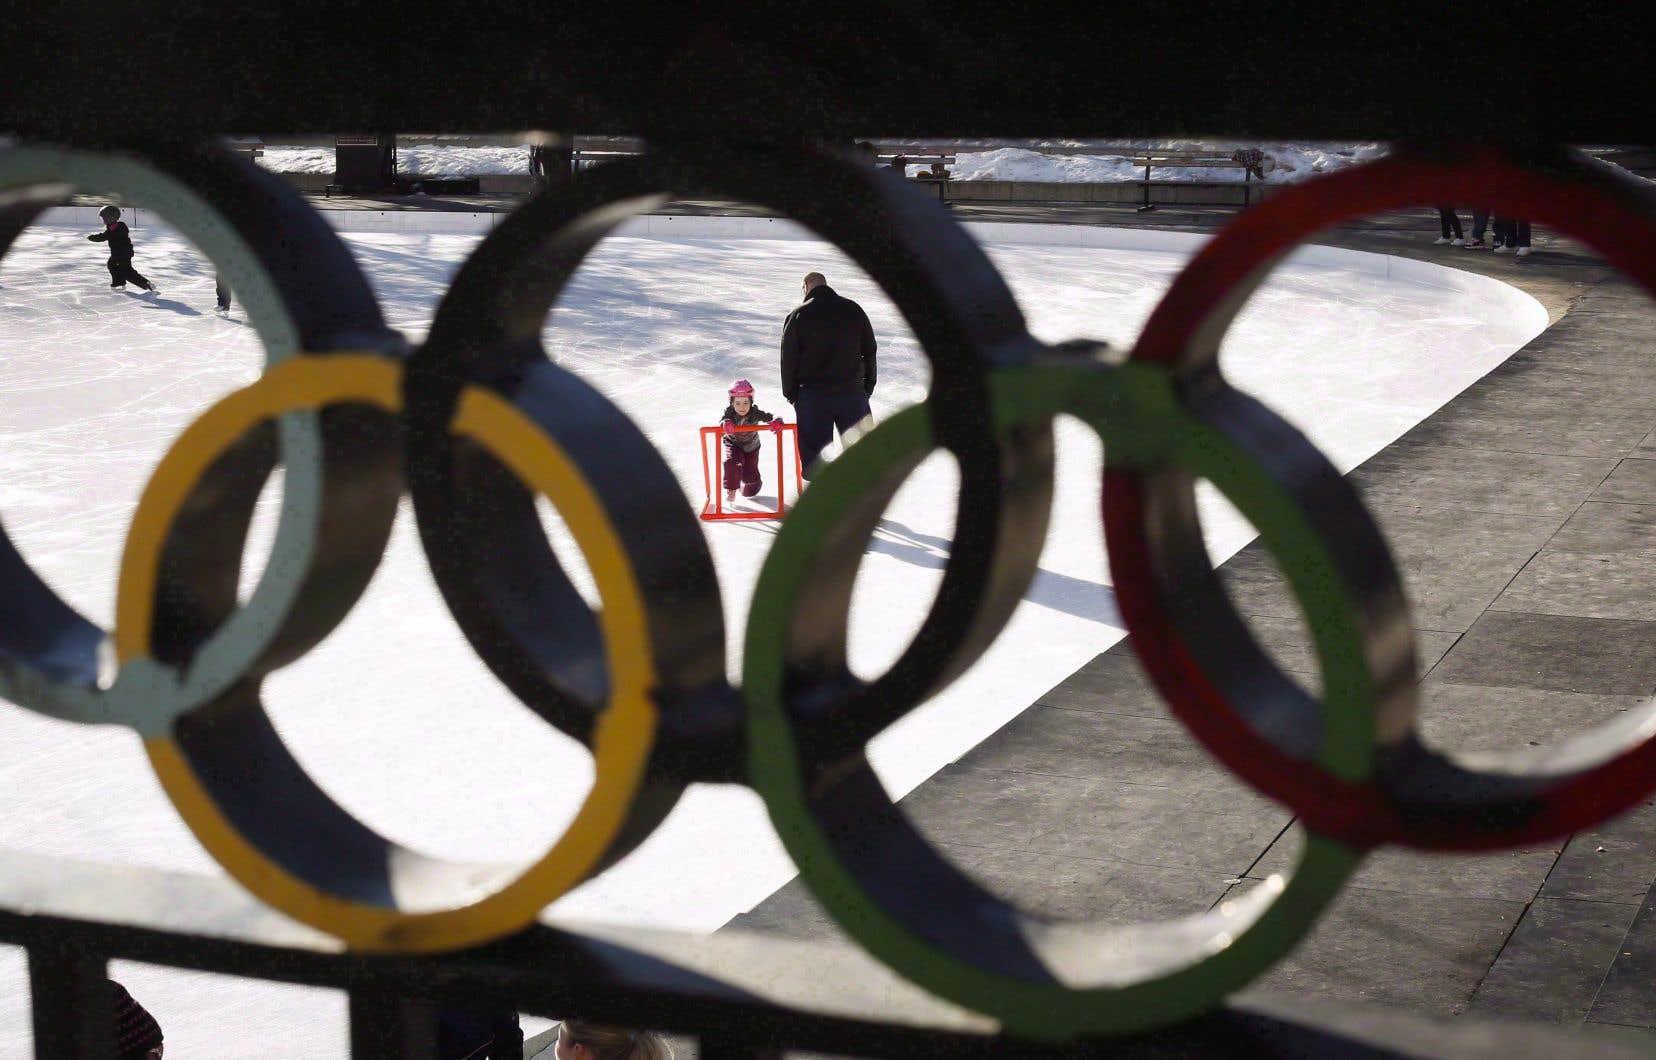 <p>Le conseil municipal votera mercredi sur une motion visant à mettre un point final à l'éventuelle candidature de la ville pour les Jeux d'hiver de 2026.</p>